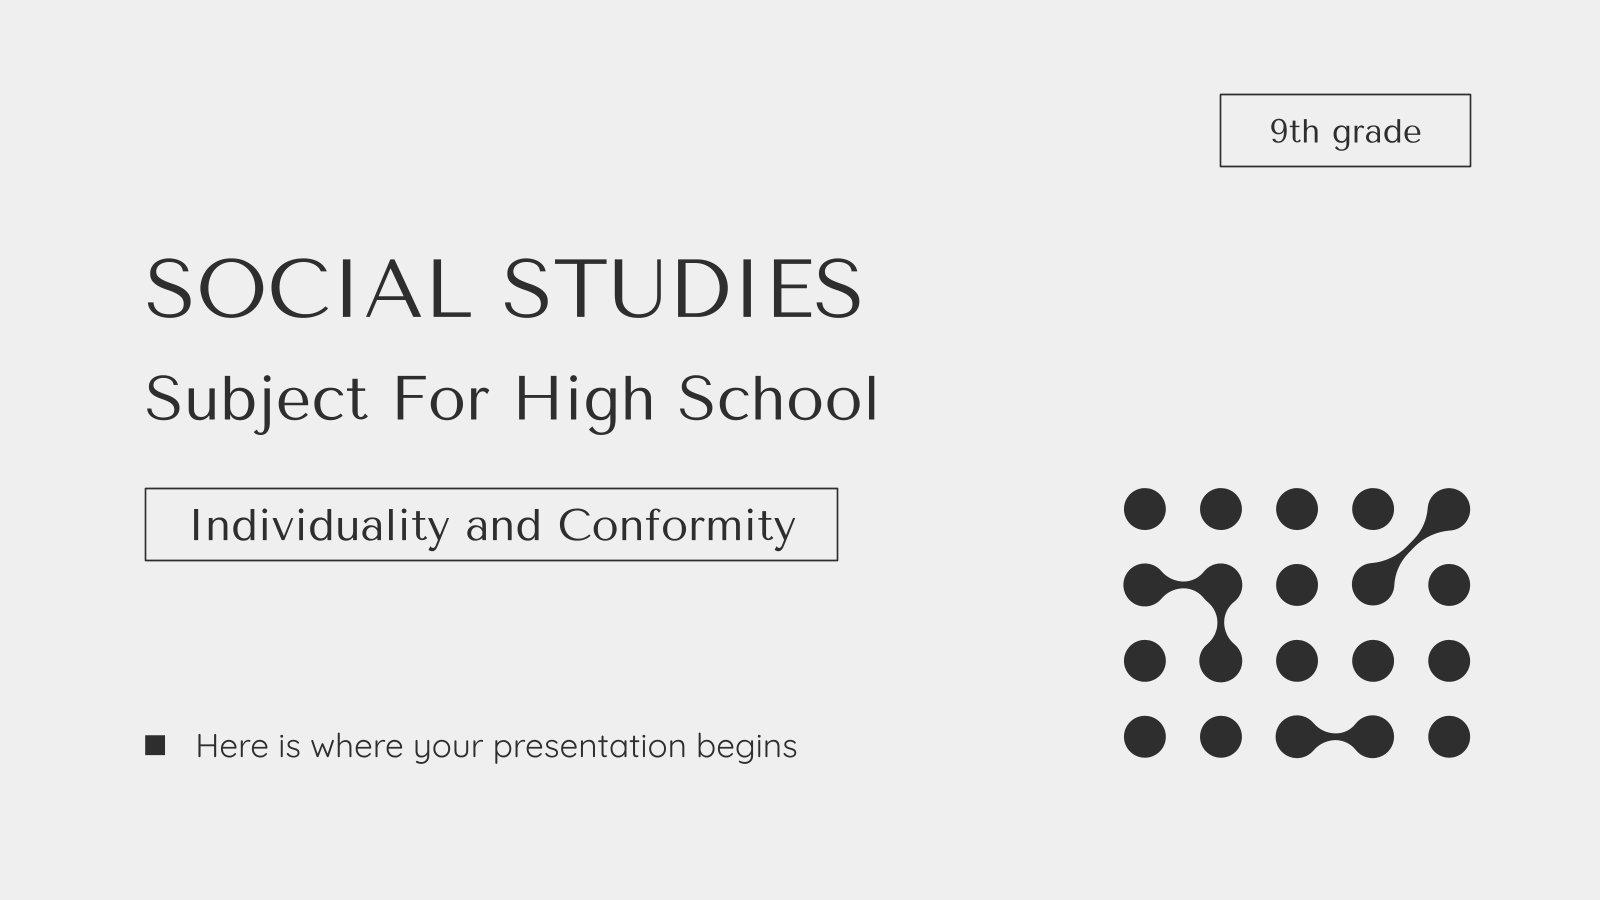 Sciences sociales pour le lycée: Individualité et conformité : Modèles de présentation